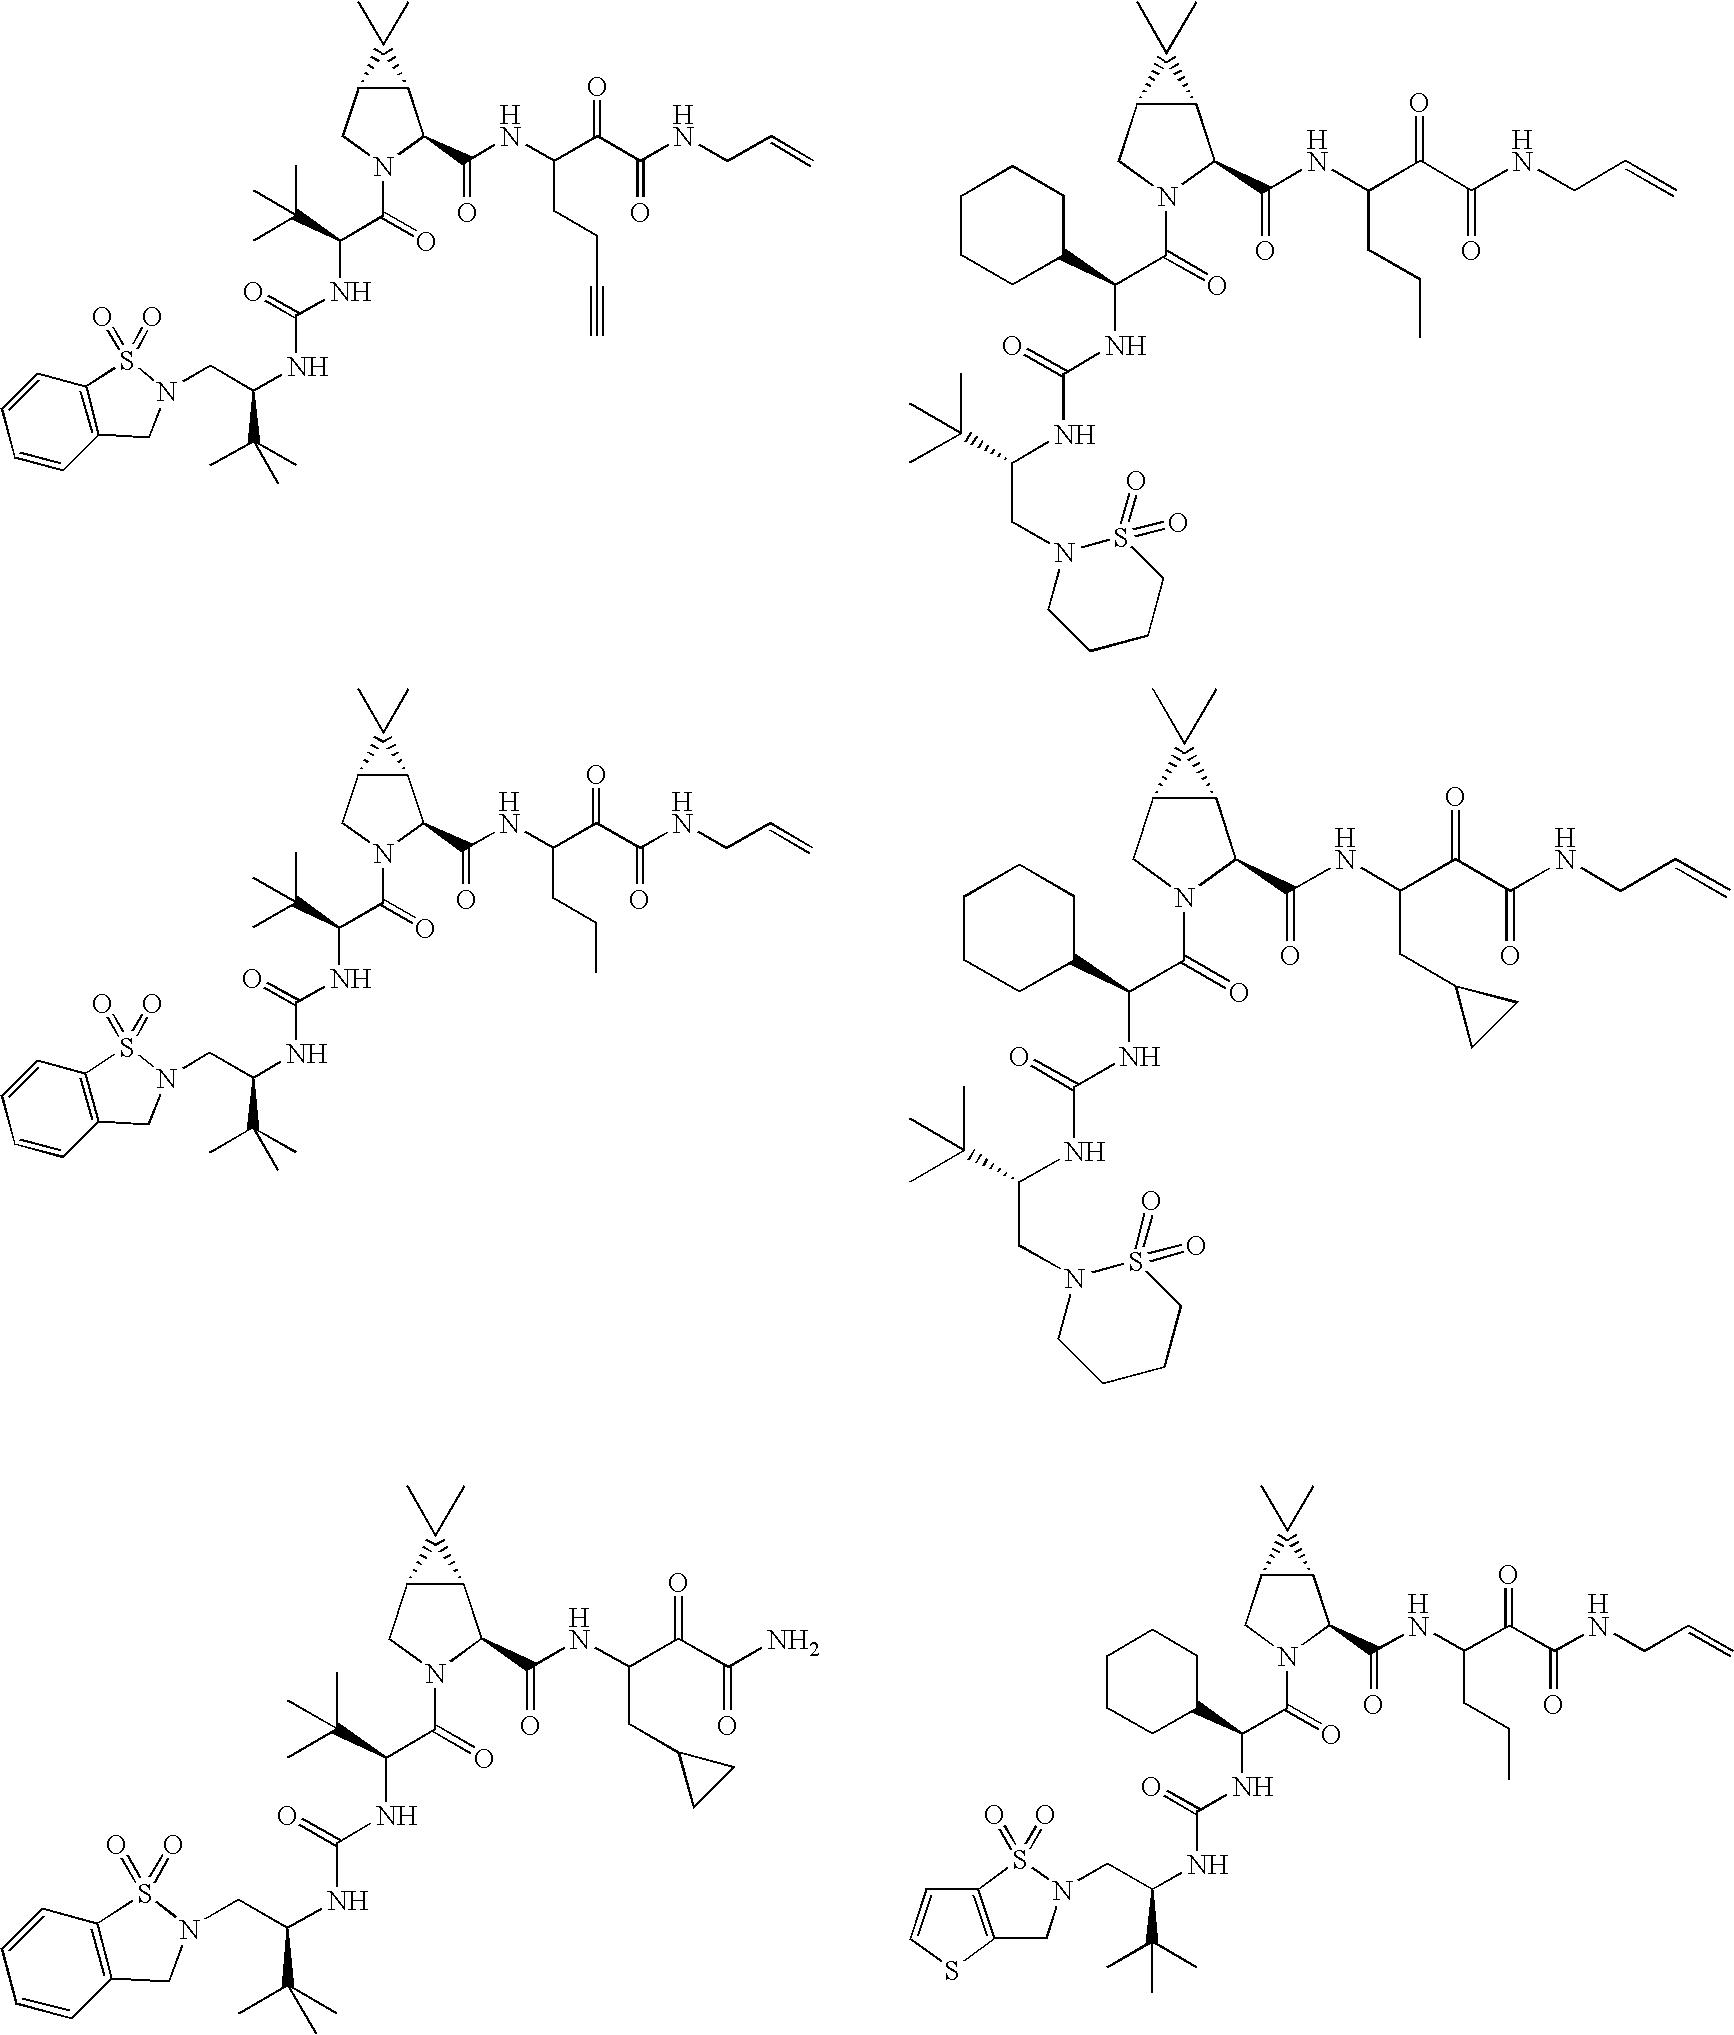 Figure US20060287248A1-20061221-C00392